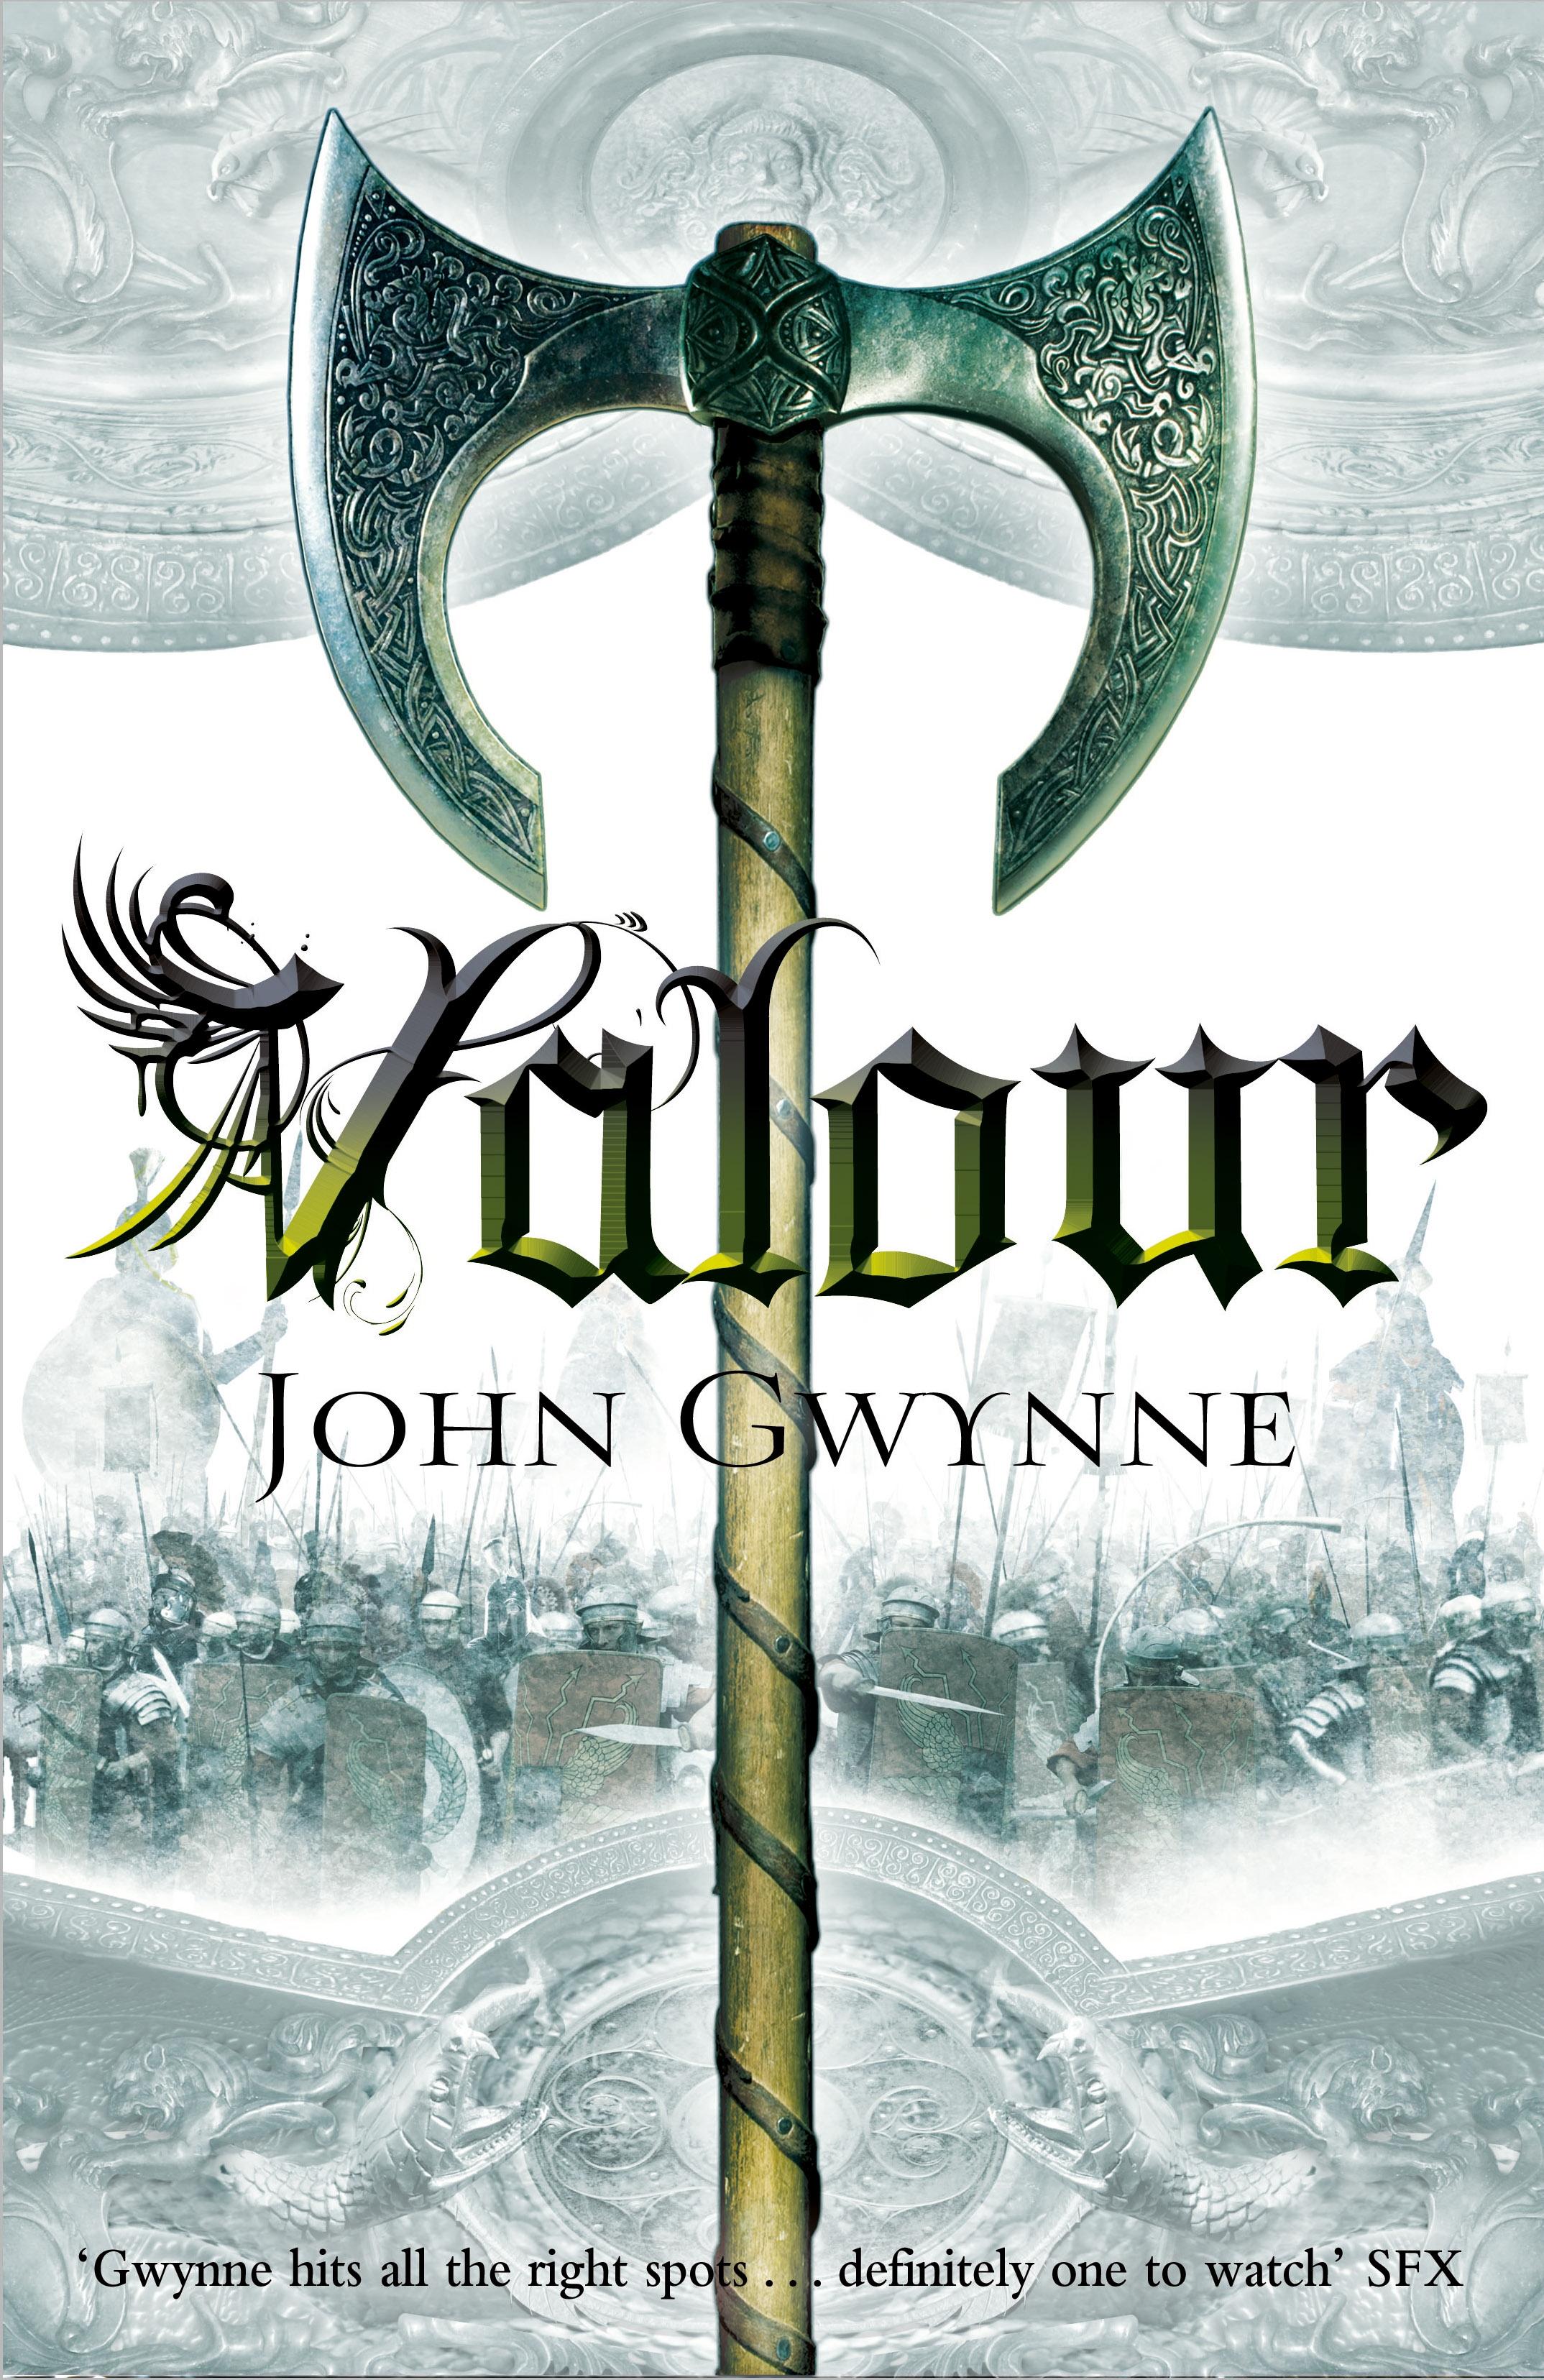 Valour John Gwynne